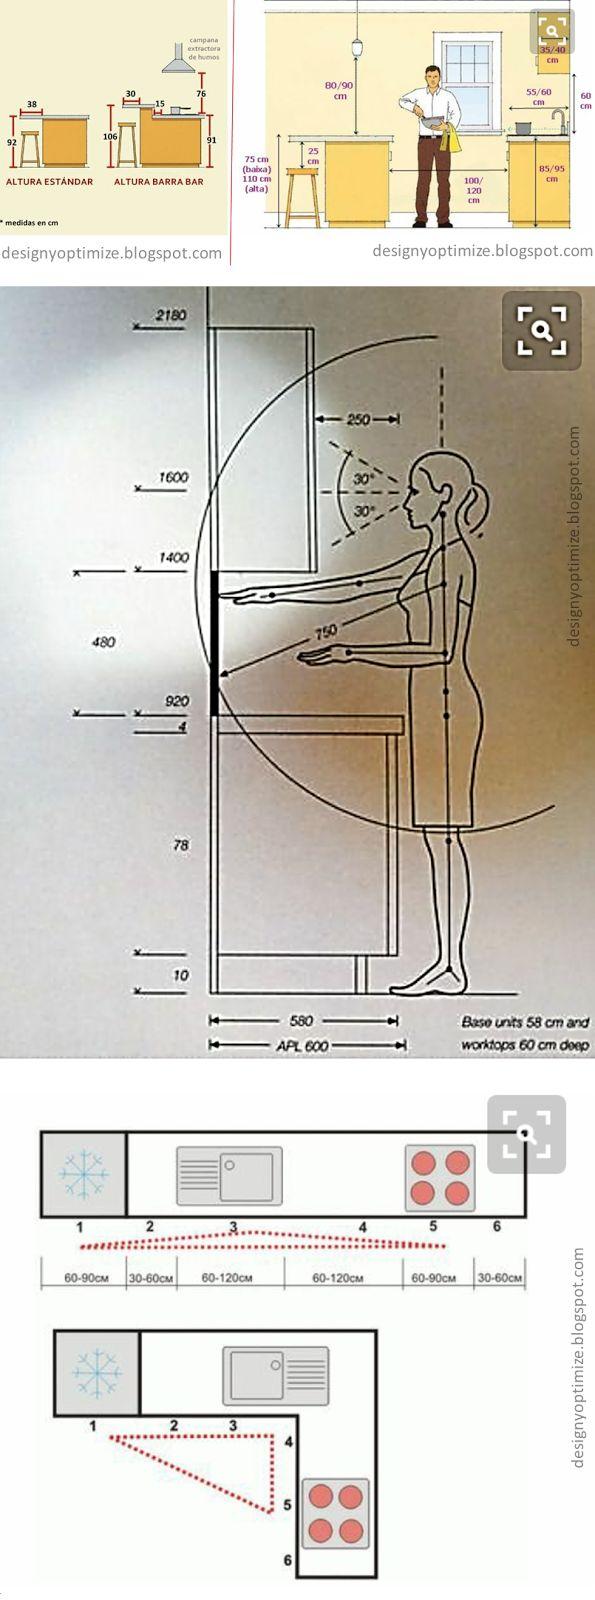 M s de 25 ideas incre bles sobre armarios r sticos en for Programas de diseno de cocinas y armarios gratis